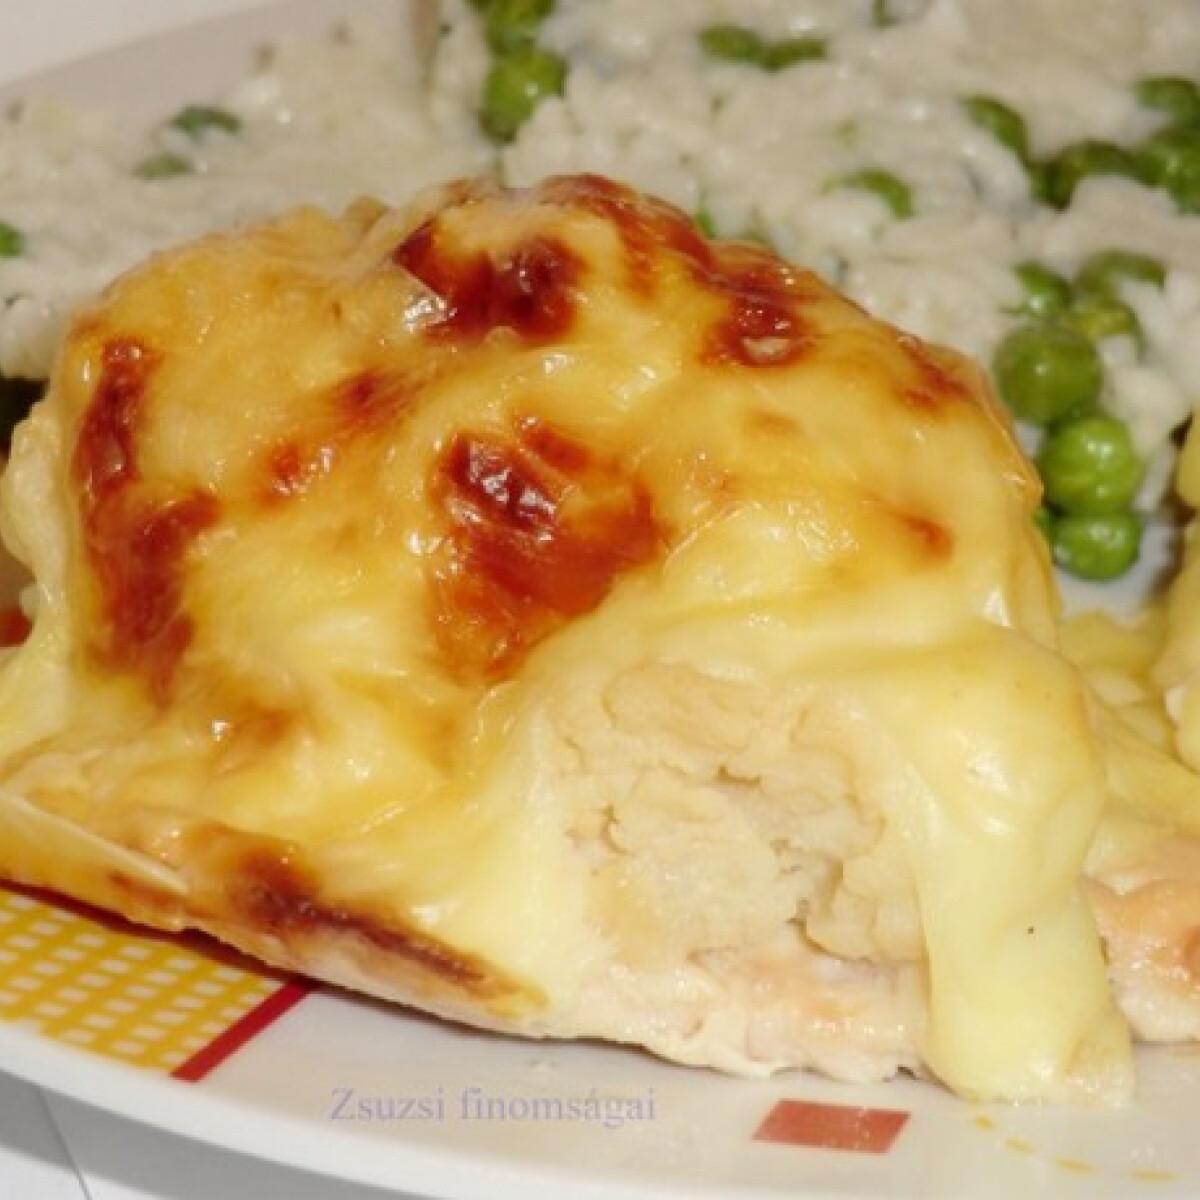 Ezen a képen: Dubarry csirkemell ahogy Zsuzsi készíti